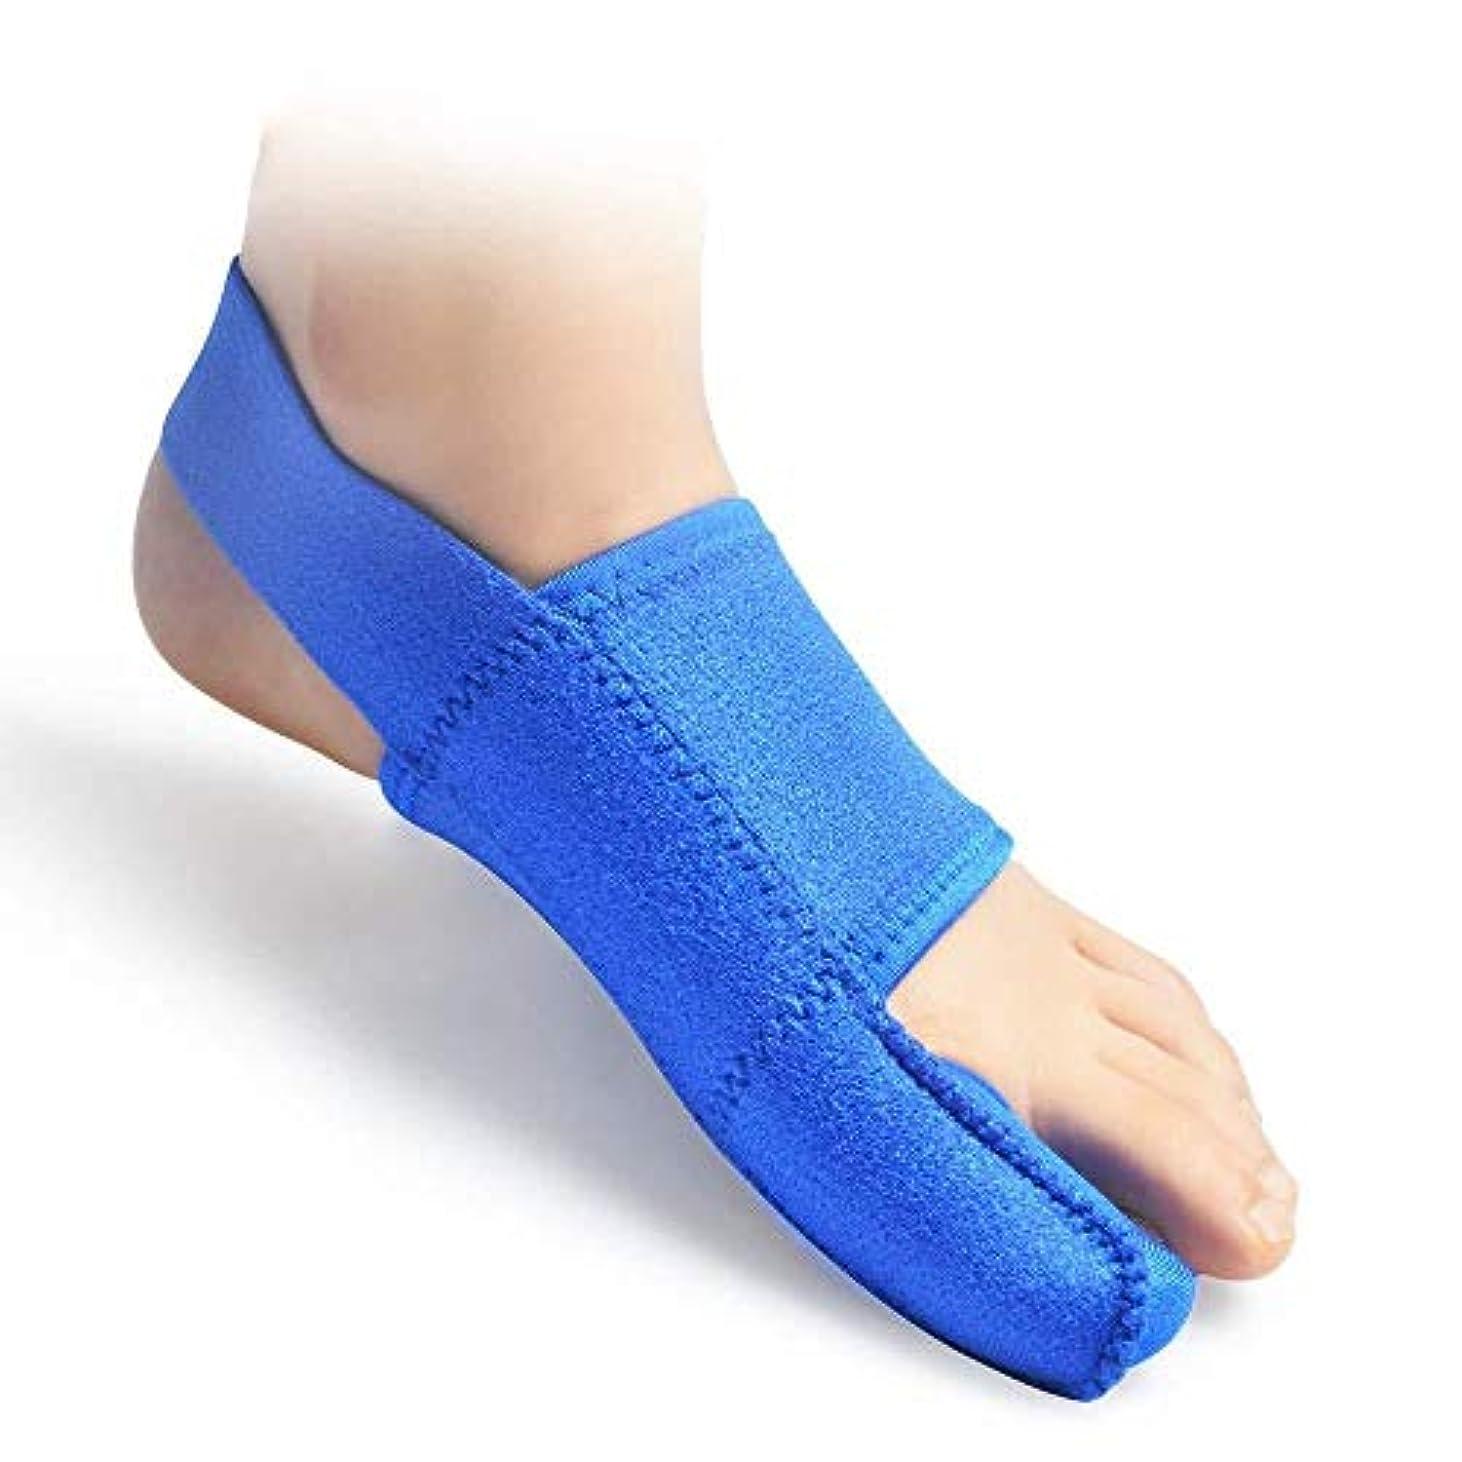 バインド断片中絶つま先セパレーター、つま先セパレーター、ハンマーの痛みのための超ソフトで快適なつま先のつま先つま先セパレーター装具,Left Foot